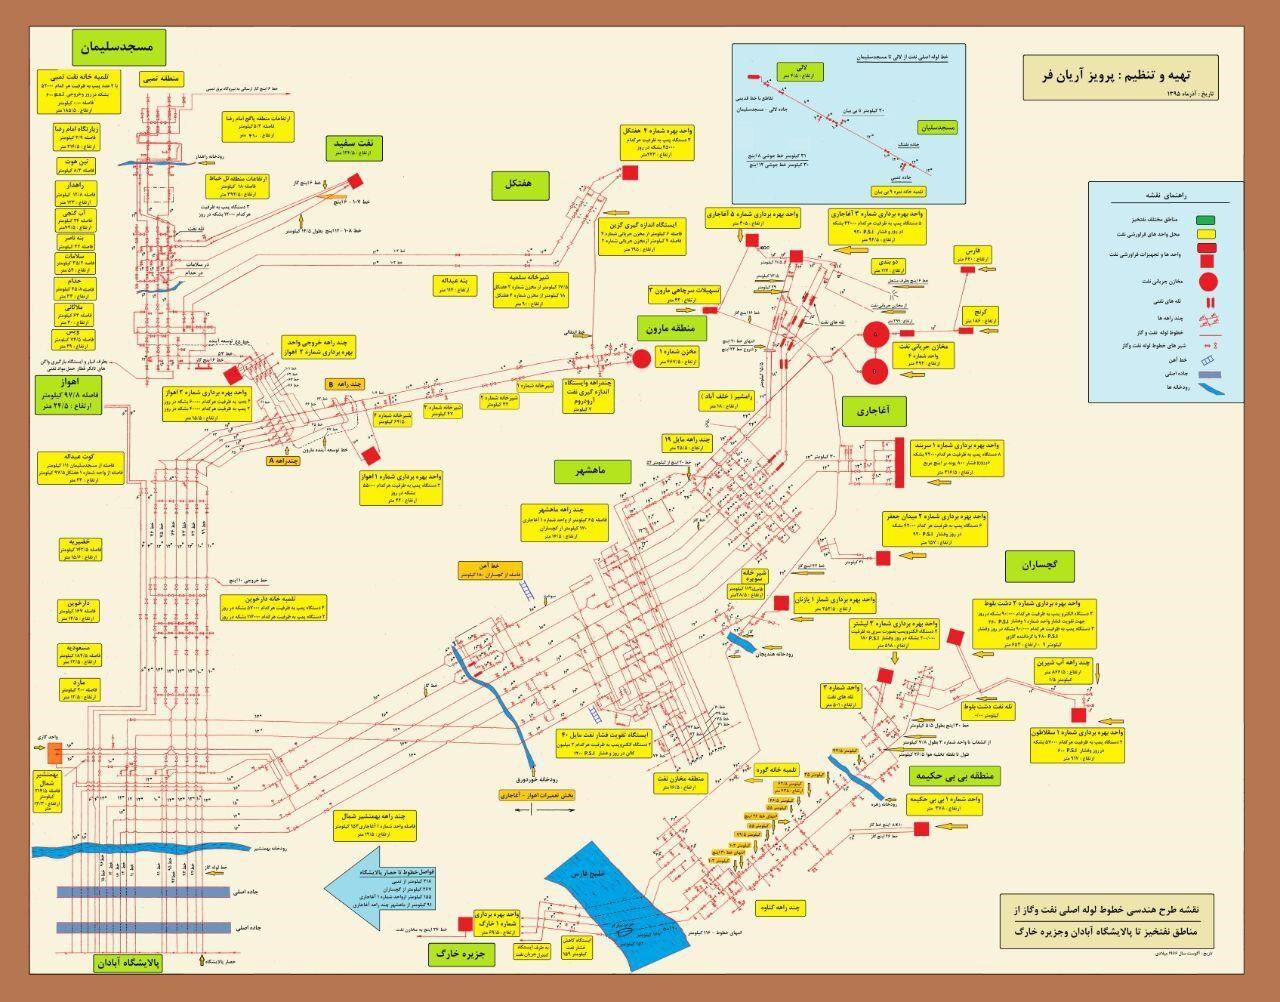 نقشه های خطوط لوله اولیه نفت تهیه شد